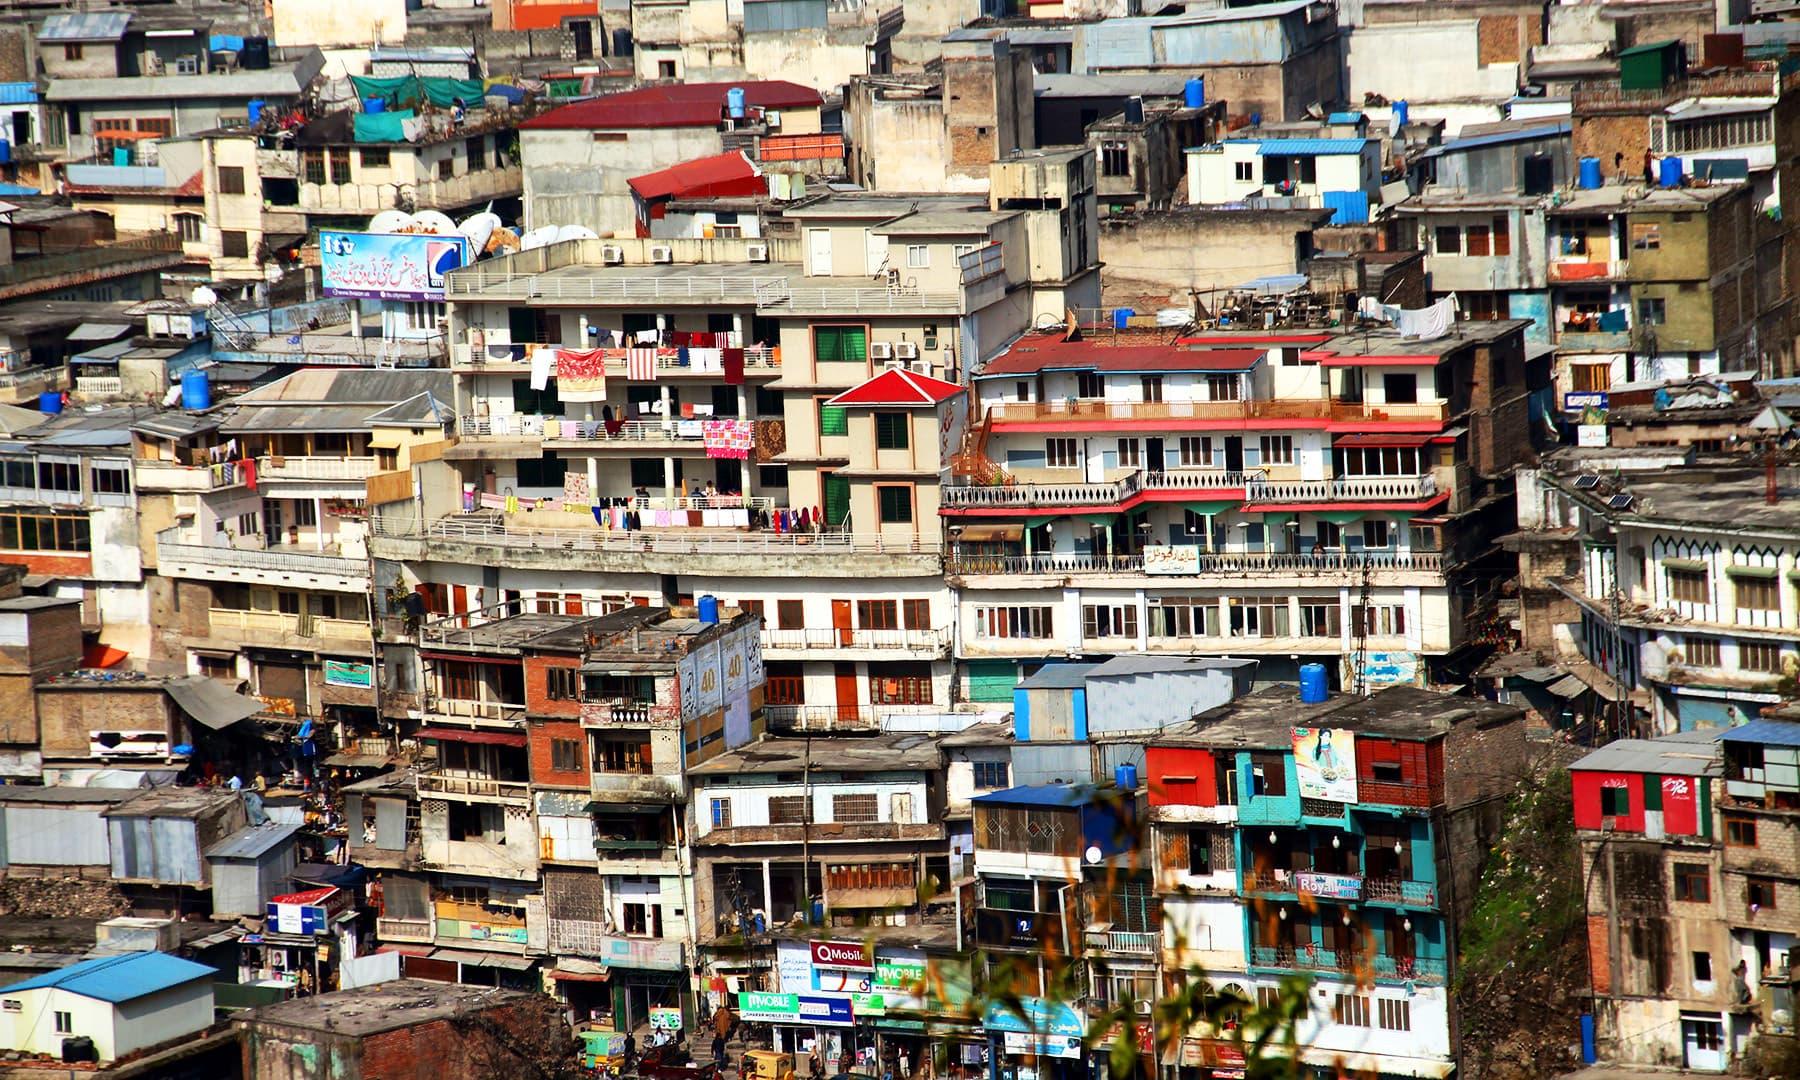 اس کی موجودہ آبادی دیکھ کر تصور کرنا مشکل ہے کہ 2005 میں یہاں کتنی تباہی آئی تھی. — فوٹو سید اشفاق حسین